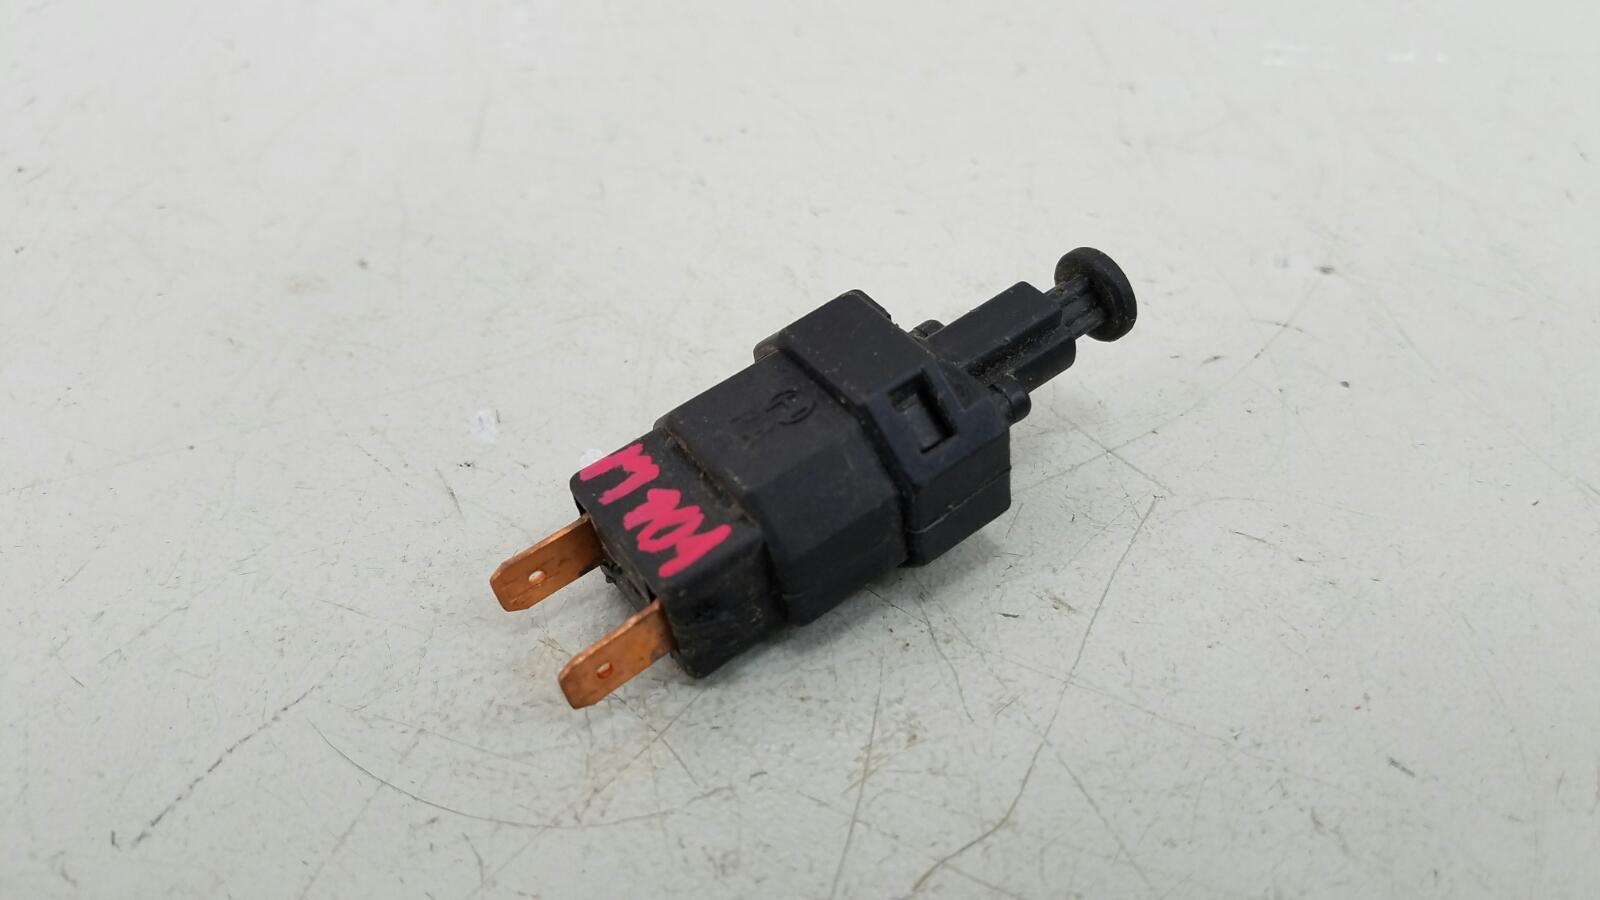 Выключатель стоп сигнала лягушка заднего тормоза Daewoo Espero C20LE 1998